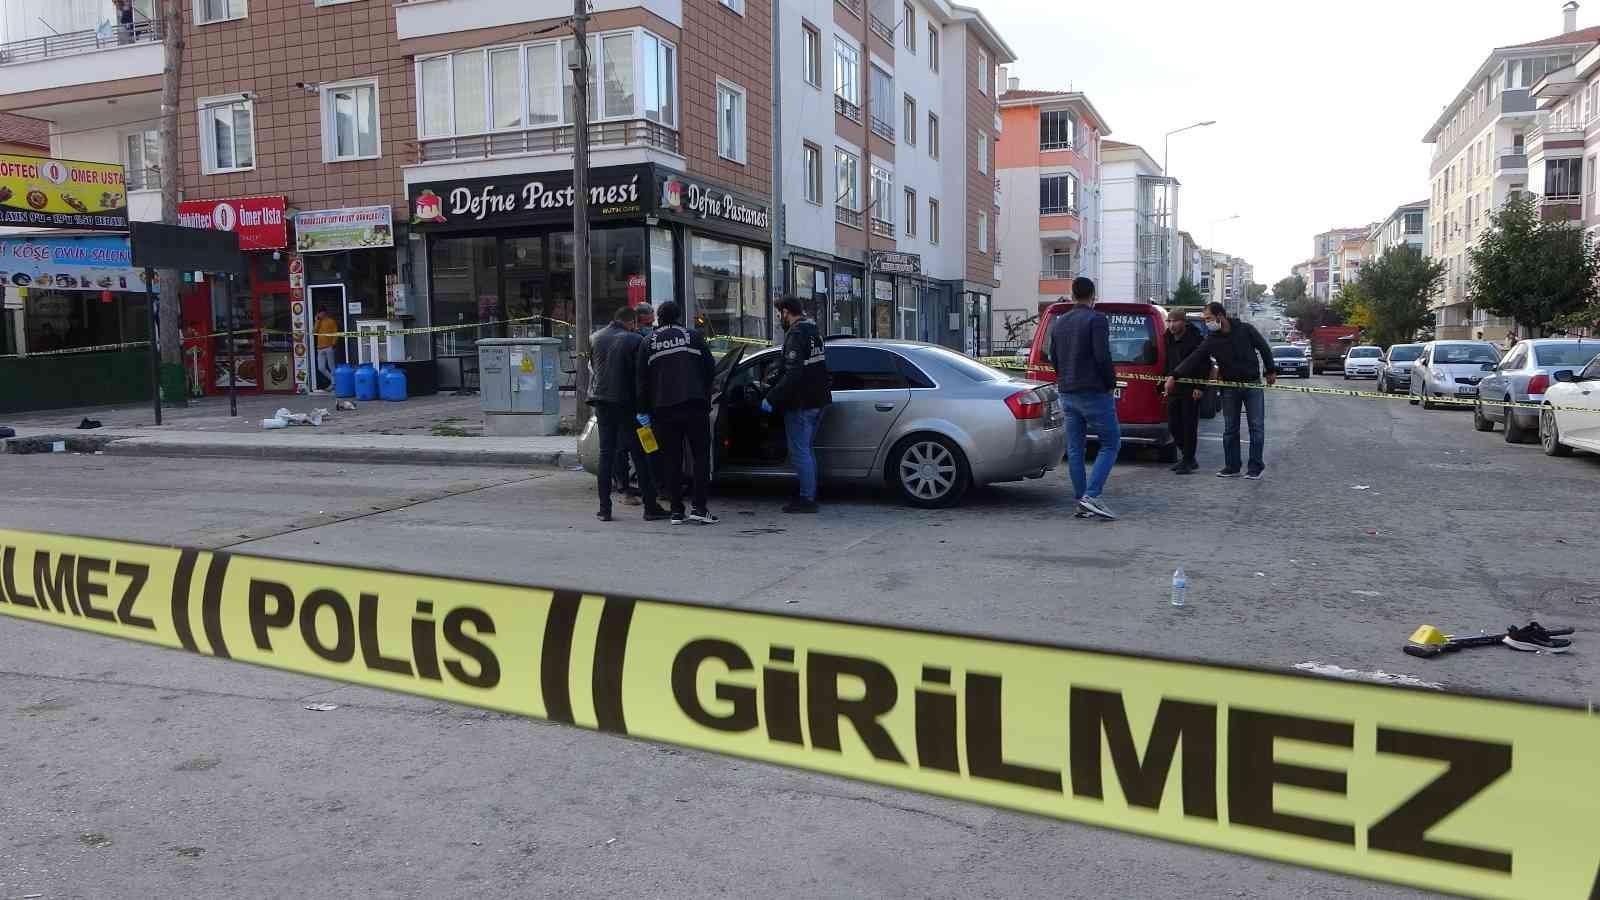 İki kardeş arasında çıkan silahlı kavga kanlı bitti: 1 ölü, 1 yaralı #corum